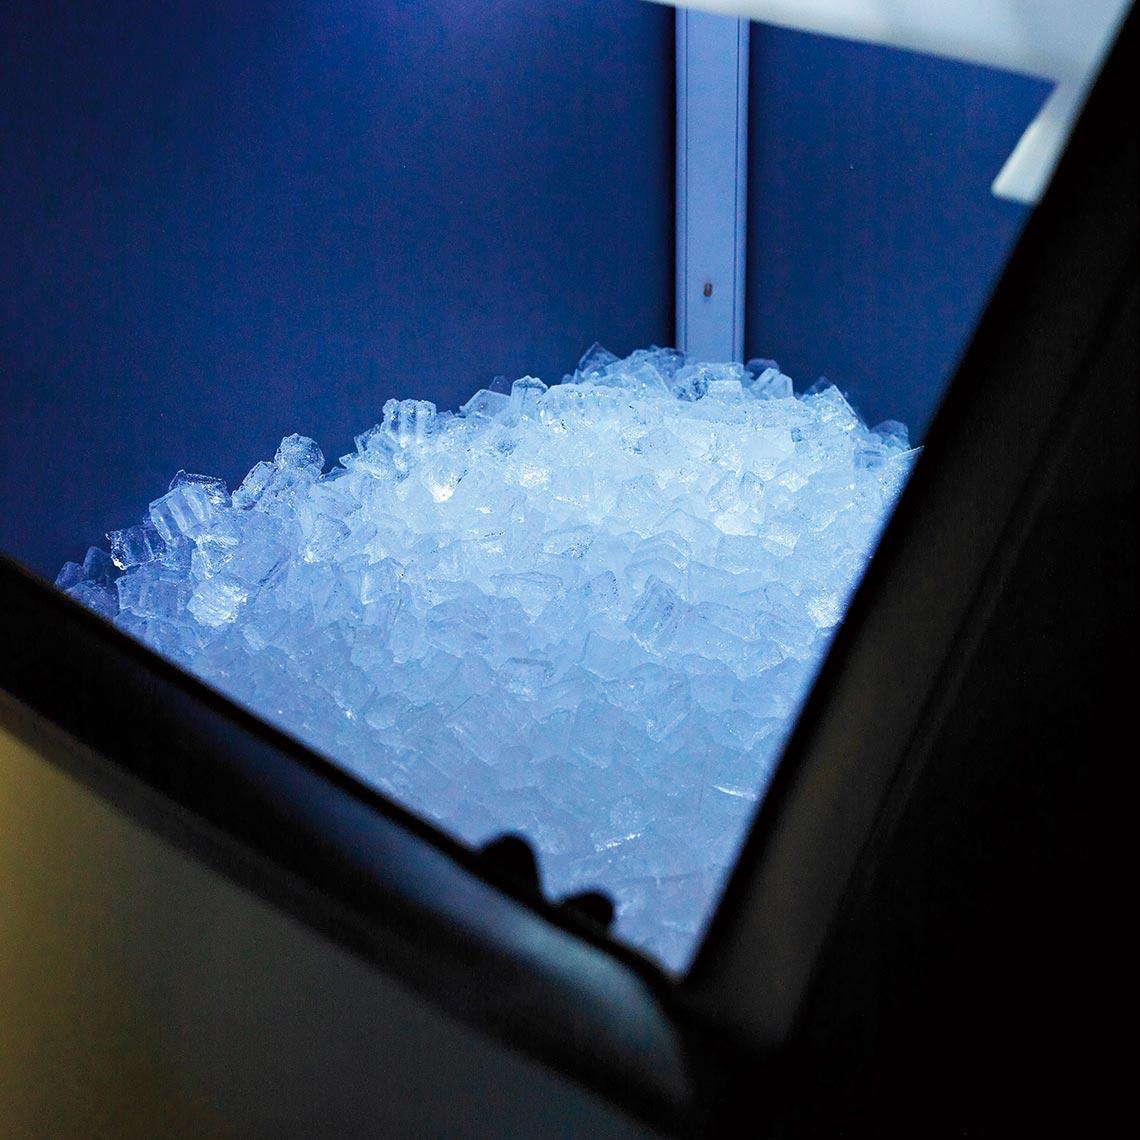 manitowoc-ice-image